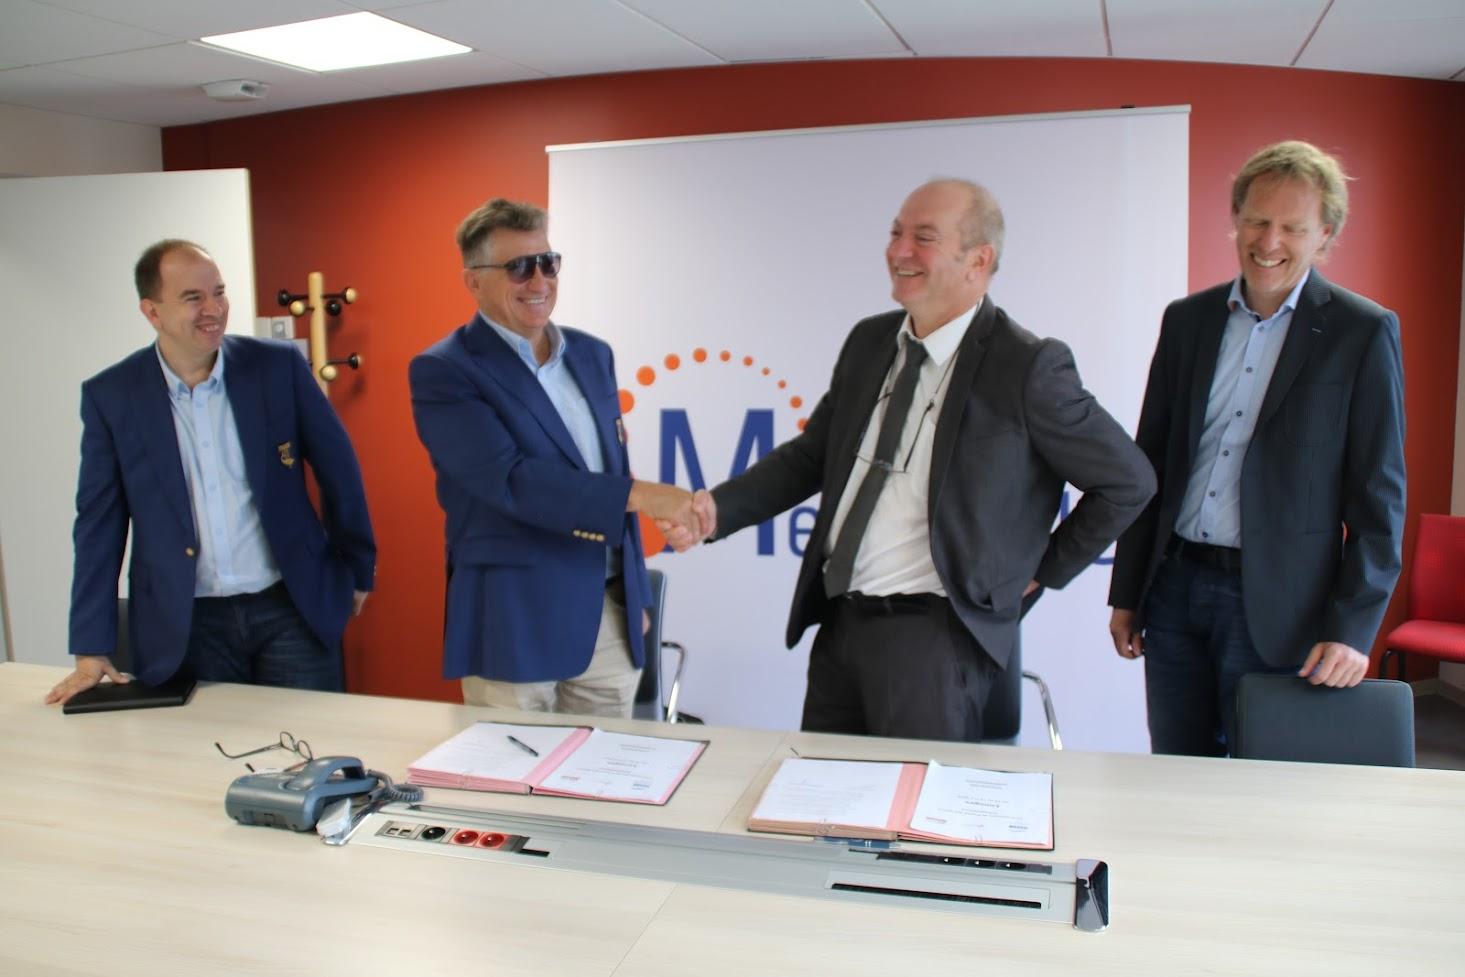 Jean-Louis Blanchard et Pascal ROBERT signe la convention des Championnats de France des sports Subaquatiques à Limoges 2019 accompagné de Sebastien Allegre CDN et Aurélien Lazeiras